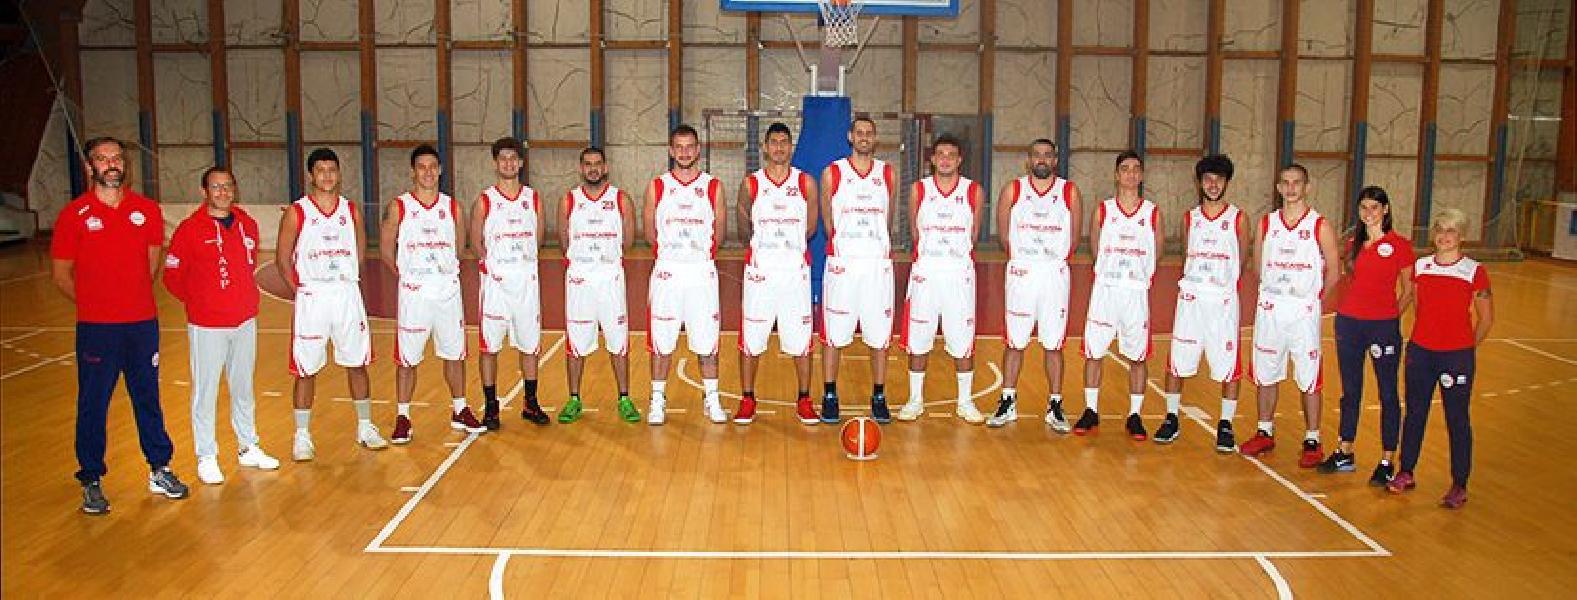 https://www.basketmarche.it/immagini_articoli/25-03-2019/teramo-spicchi-coach-stirpe-finora-fatta-stagione-super-concentrati-playoff-600.jpg